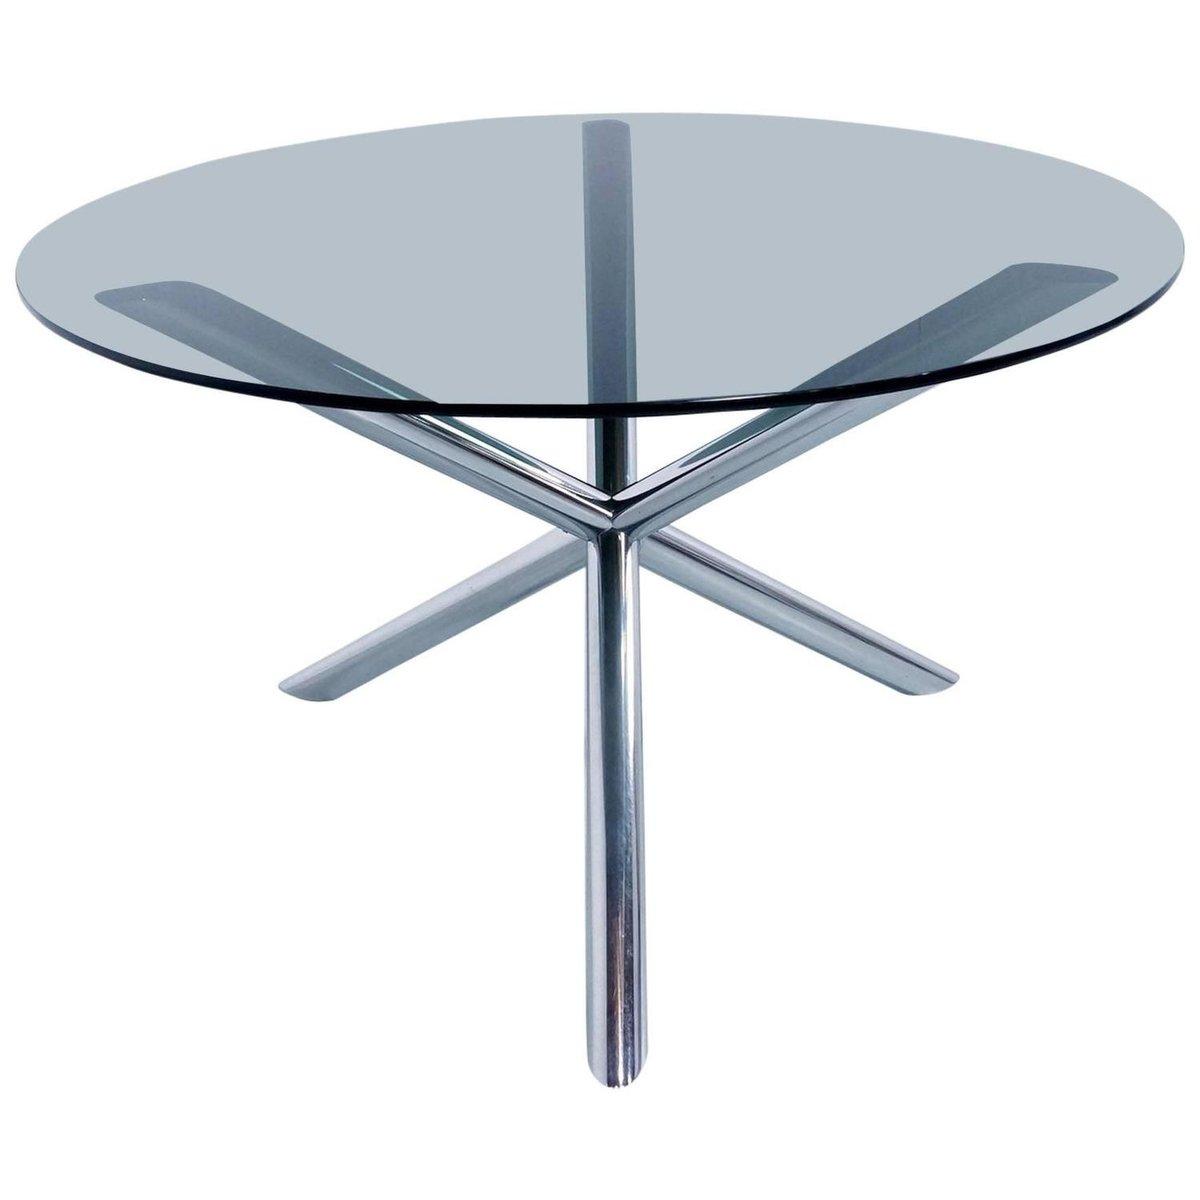 table de salon en chrome et en verre fum par roche bobois 1970s en vente sur pamono. Black Bedroom Furniture Sets. Home Design Ideas